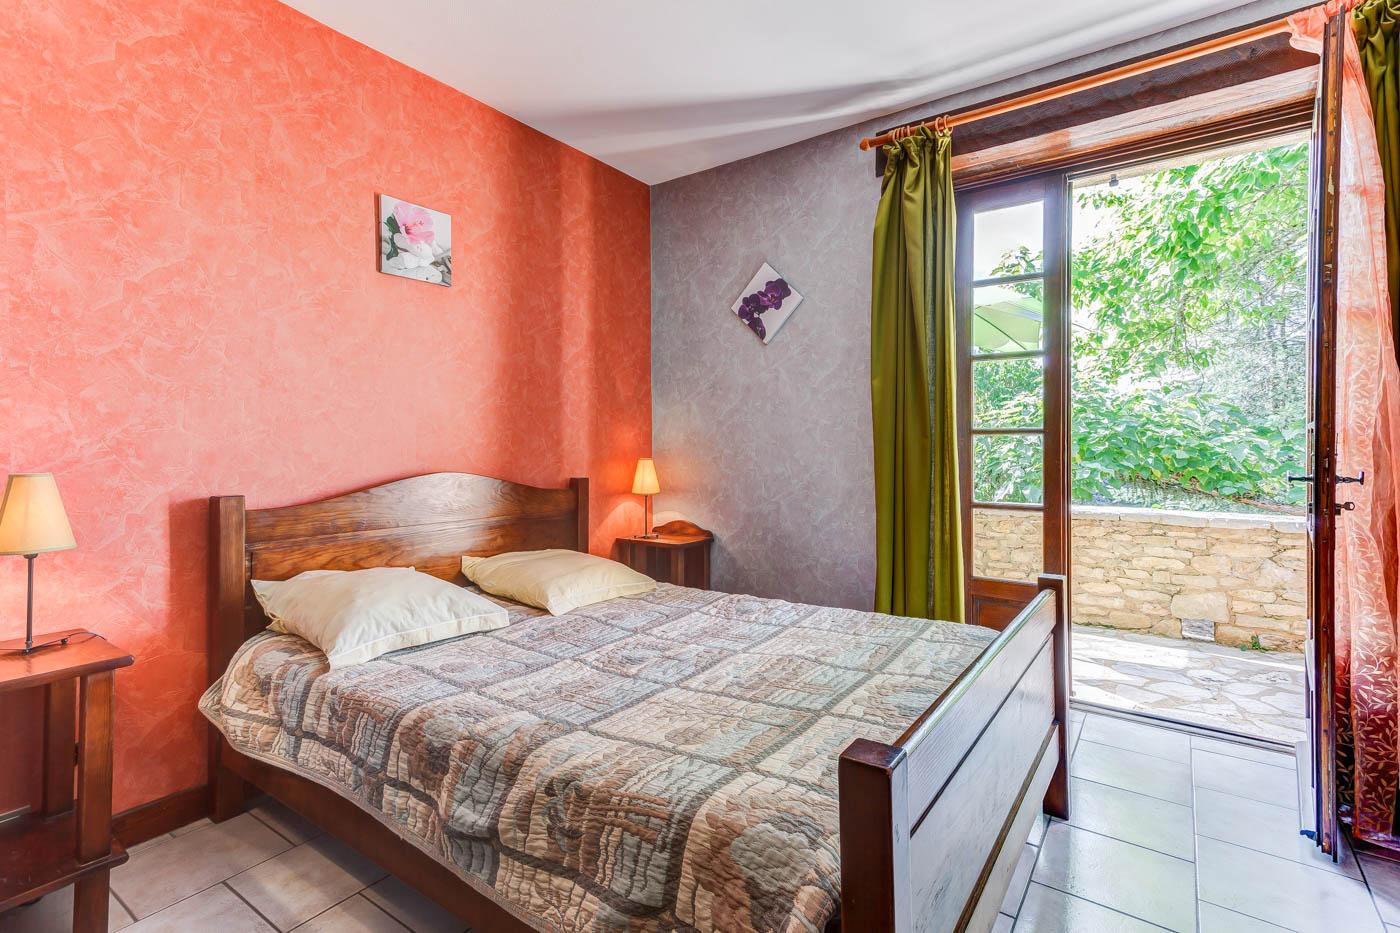 Maison-de-Vacances-Le-Cataplas-20